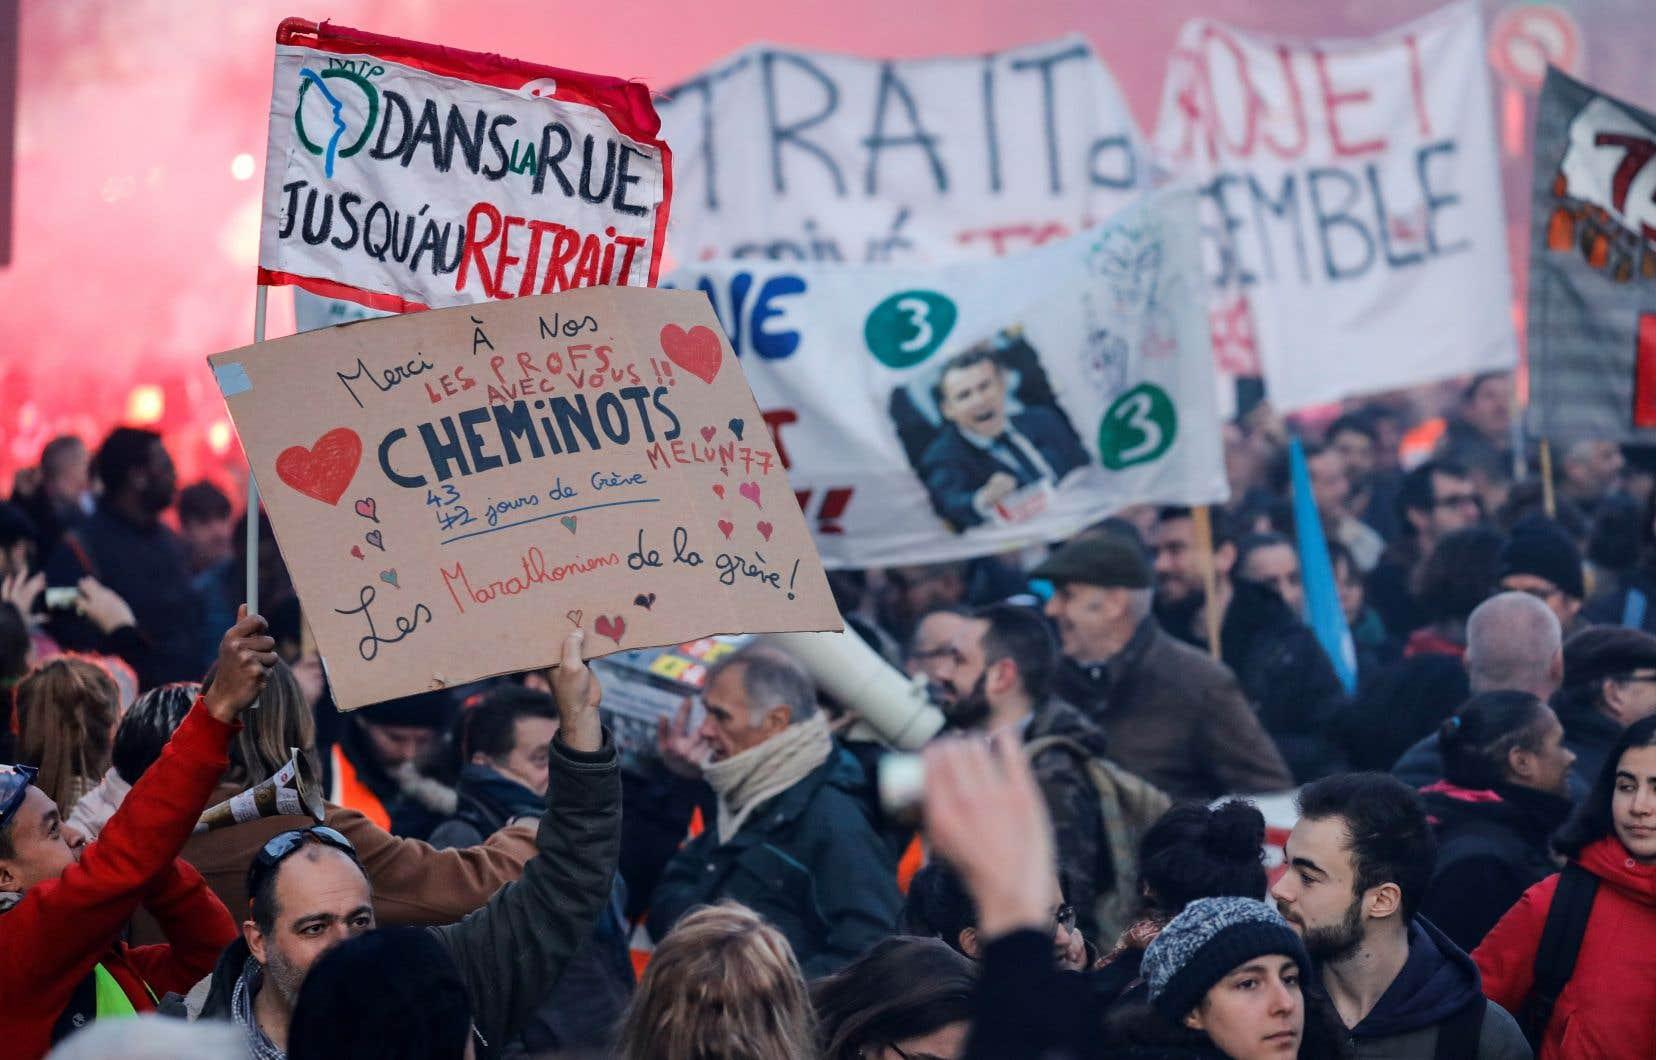 Selon le ministère de l'Intérieur, 187 000 personnes ont manifesté jeudi en France, dont 23 000 à Paris.